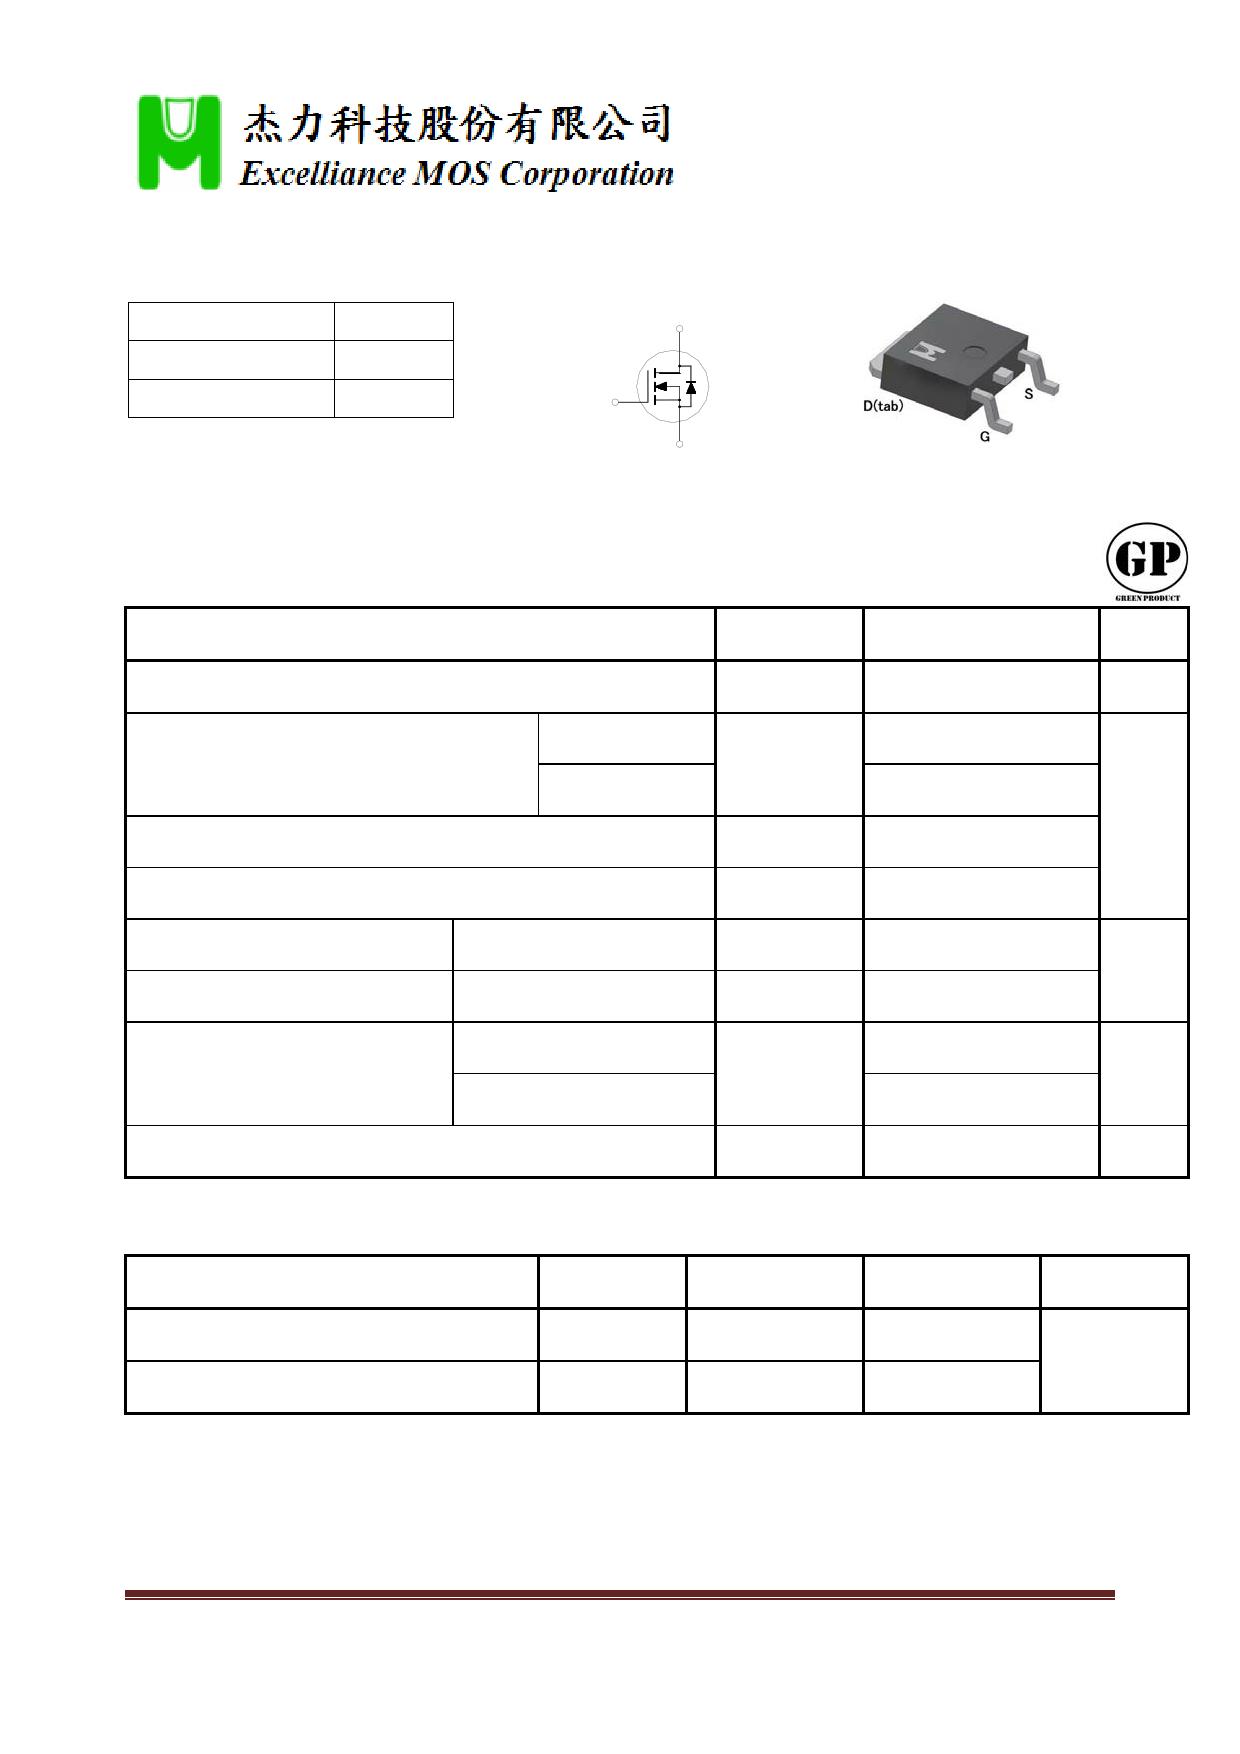 EMB12N04A دیتاشیت PDF